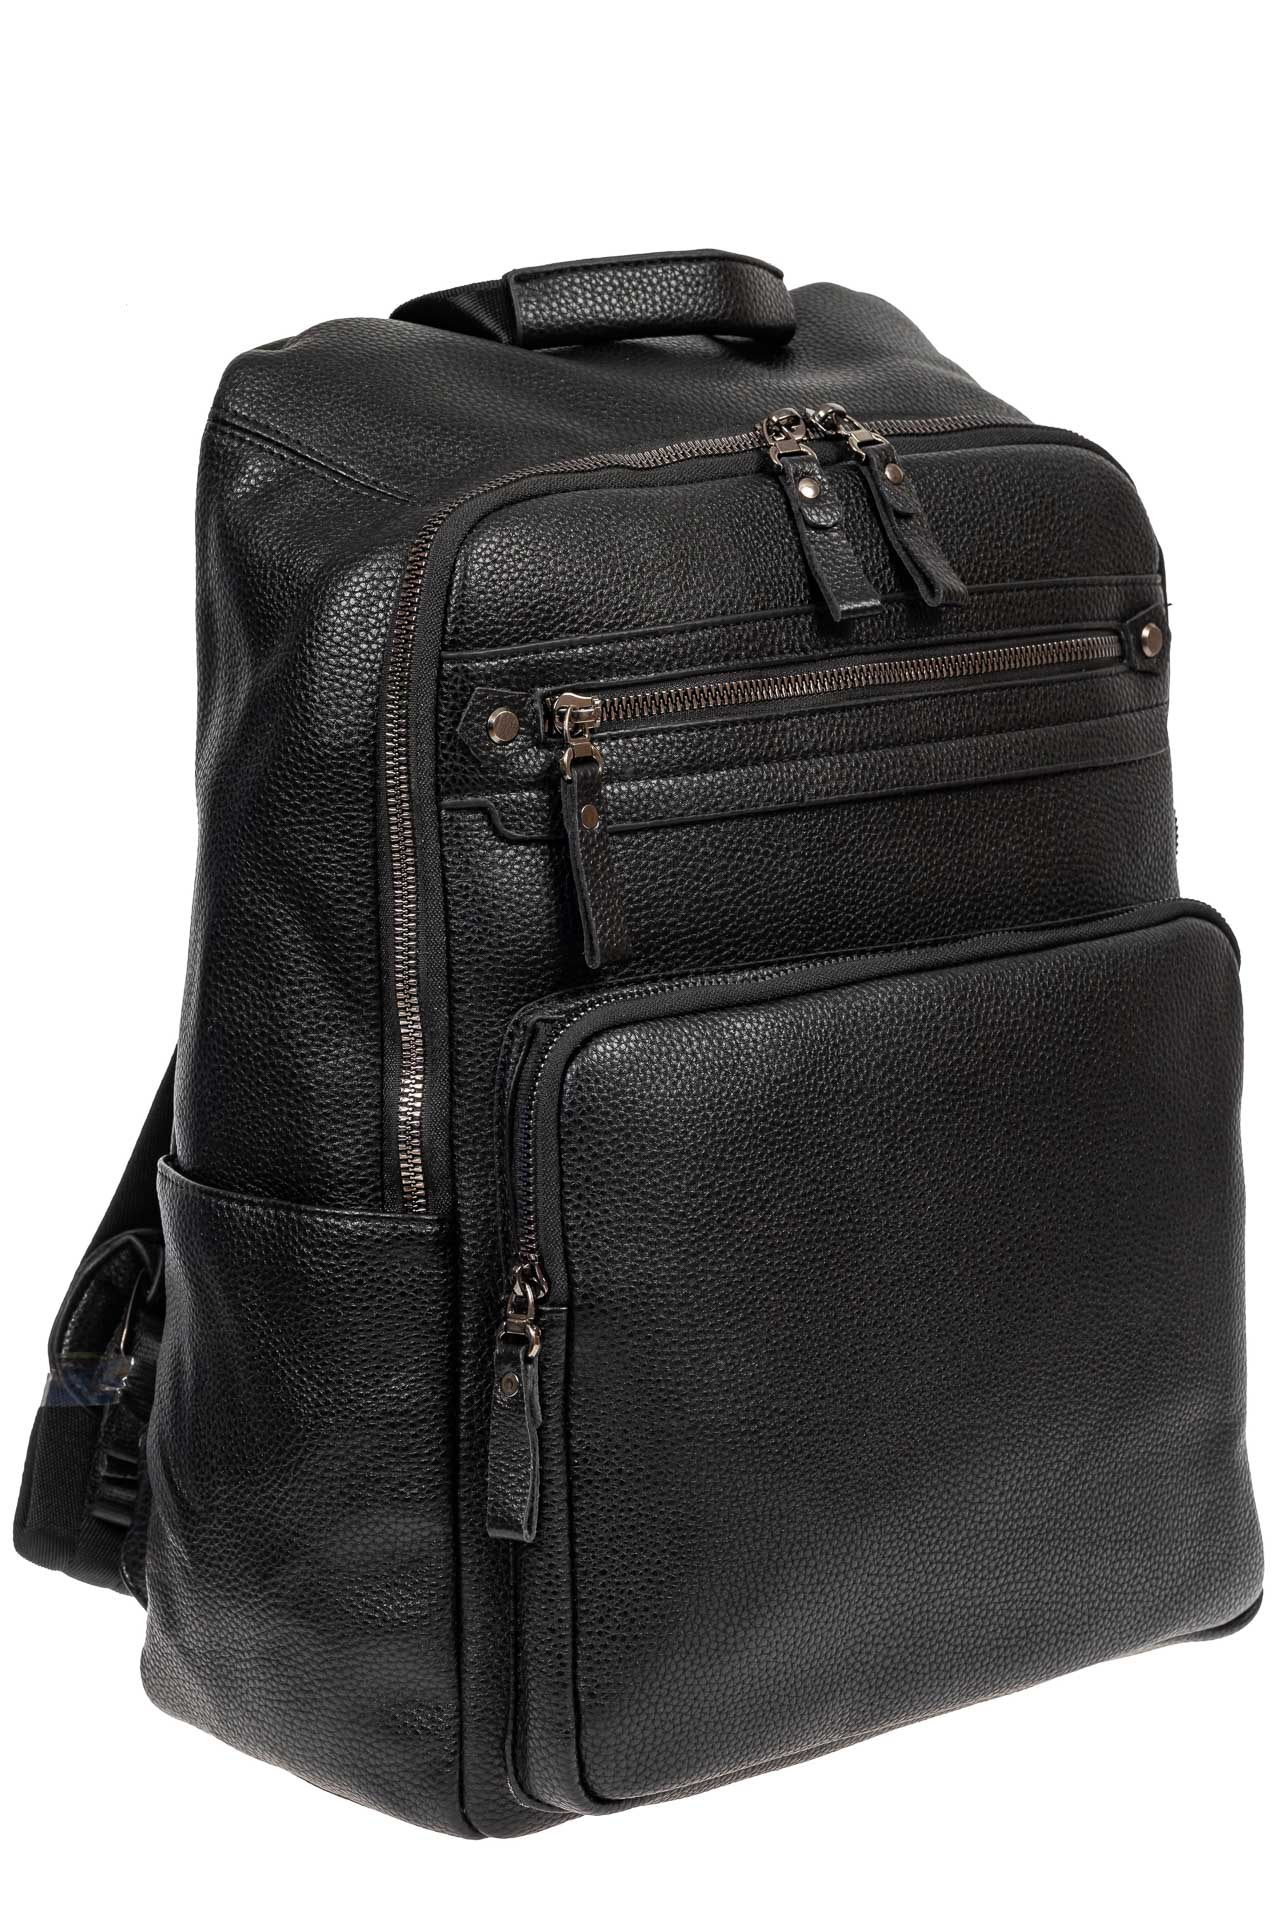 Рюкзак мужской из фактурной экокожи с карманом для ноутбука, цвет чёрный